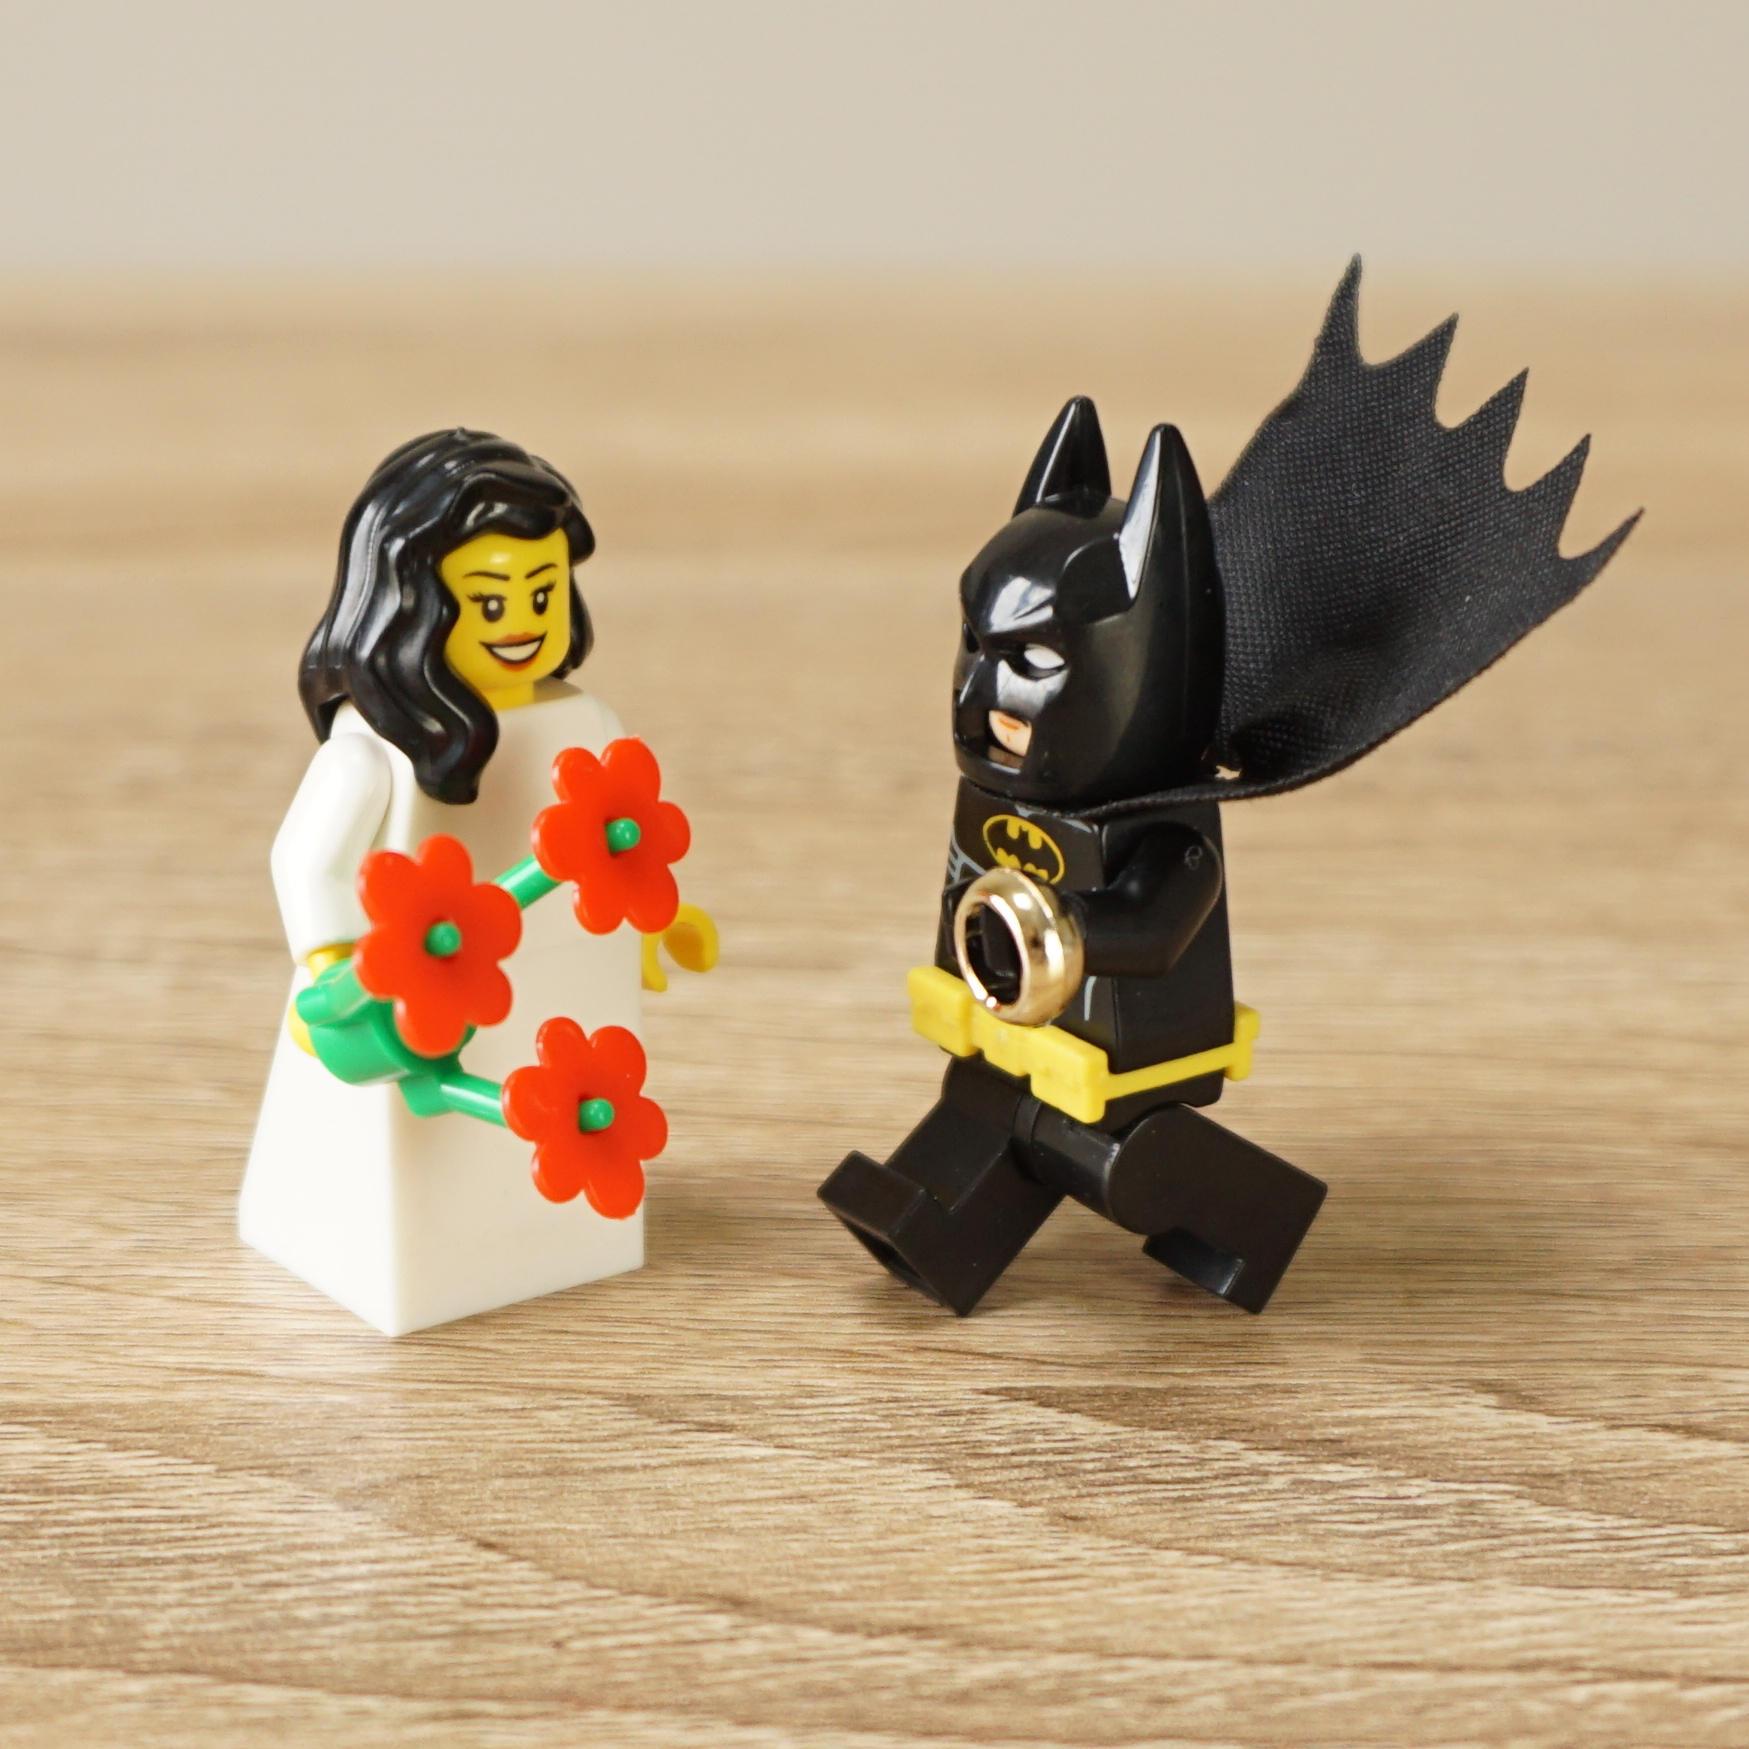 Lego Batman and Lego Bride, Lego Batman Minifigure, Lego wedding ...